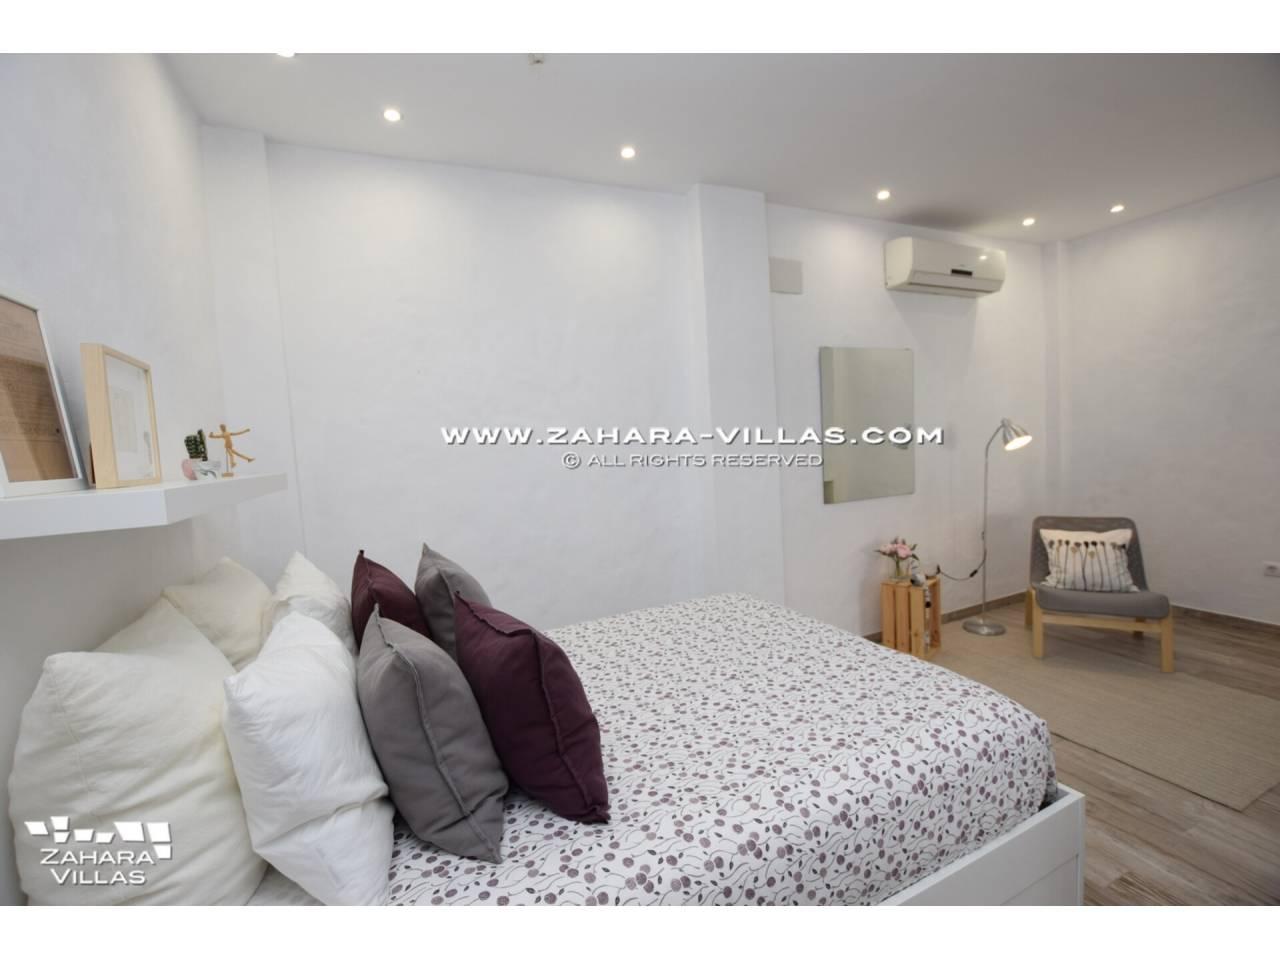 Imagen 43 de Haus zum verkauf in Zahara de los Atunes